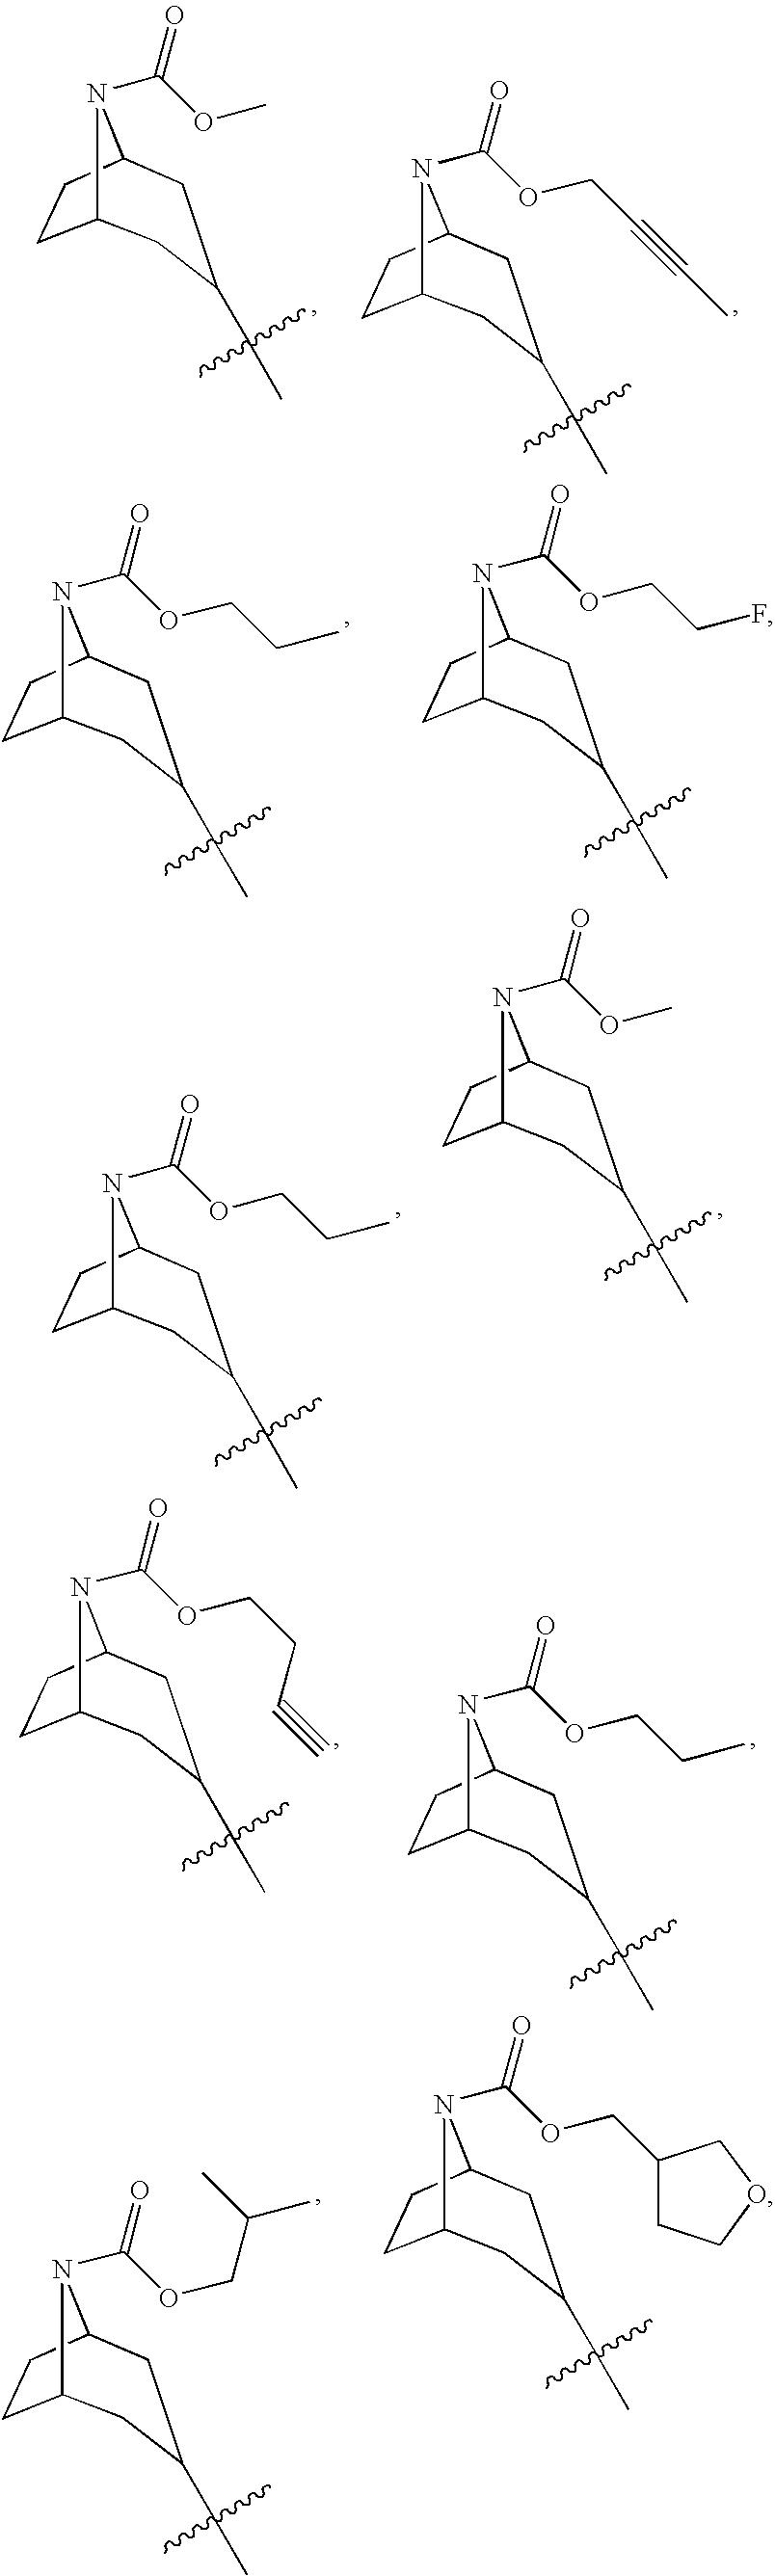 Figure US20070043023A1-20070222-C00015